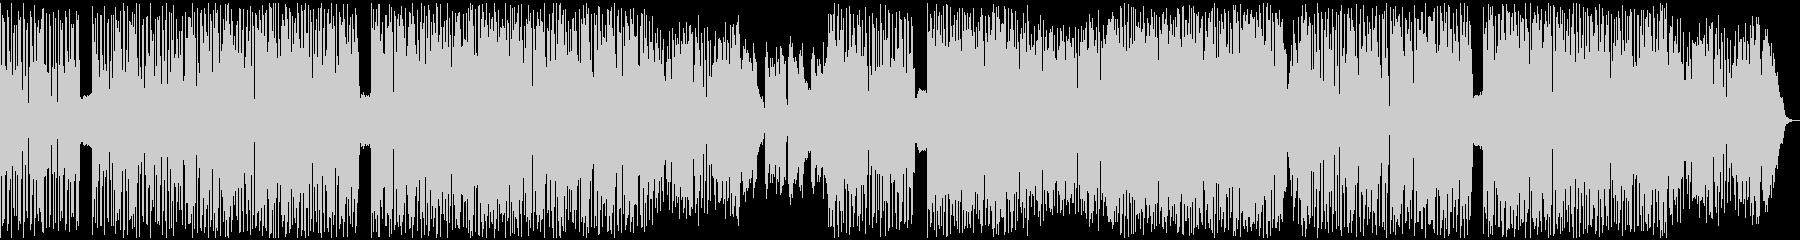 エレクトロドラムンベースのインスト...の未再生の波形